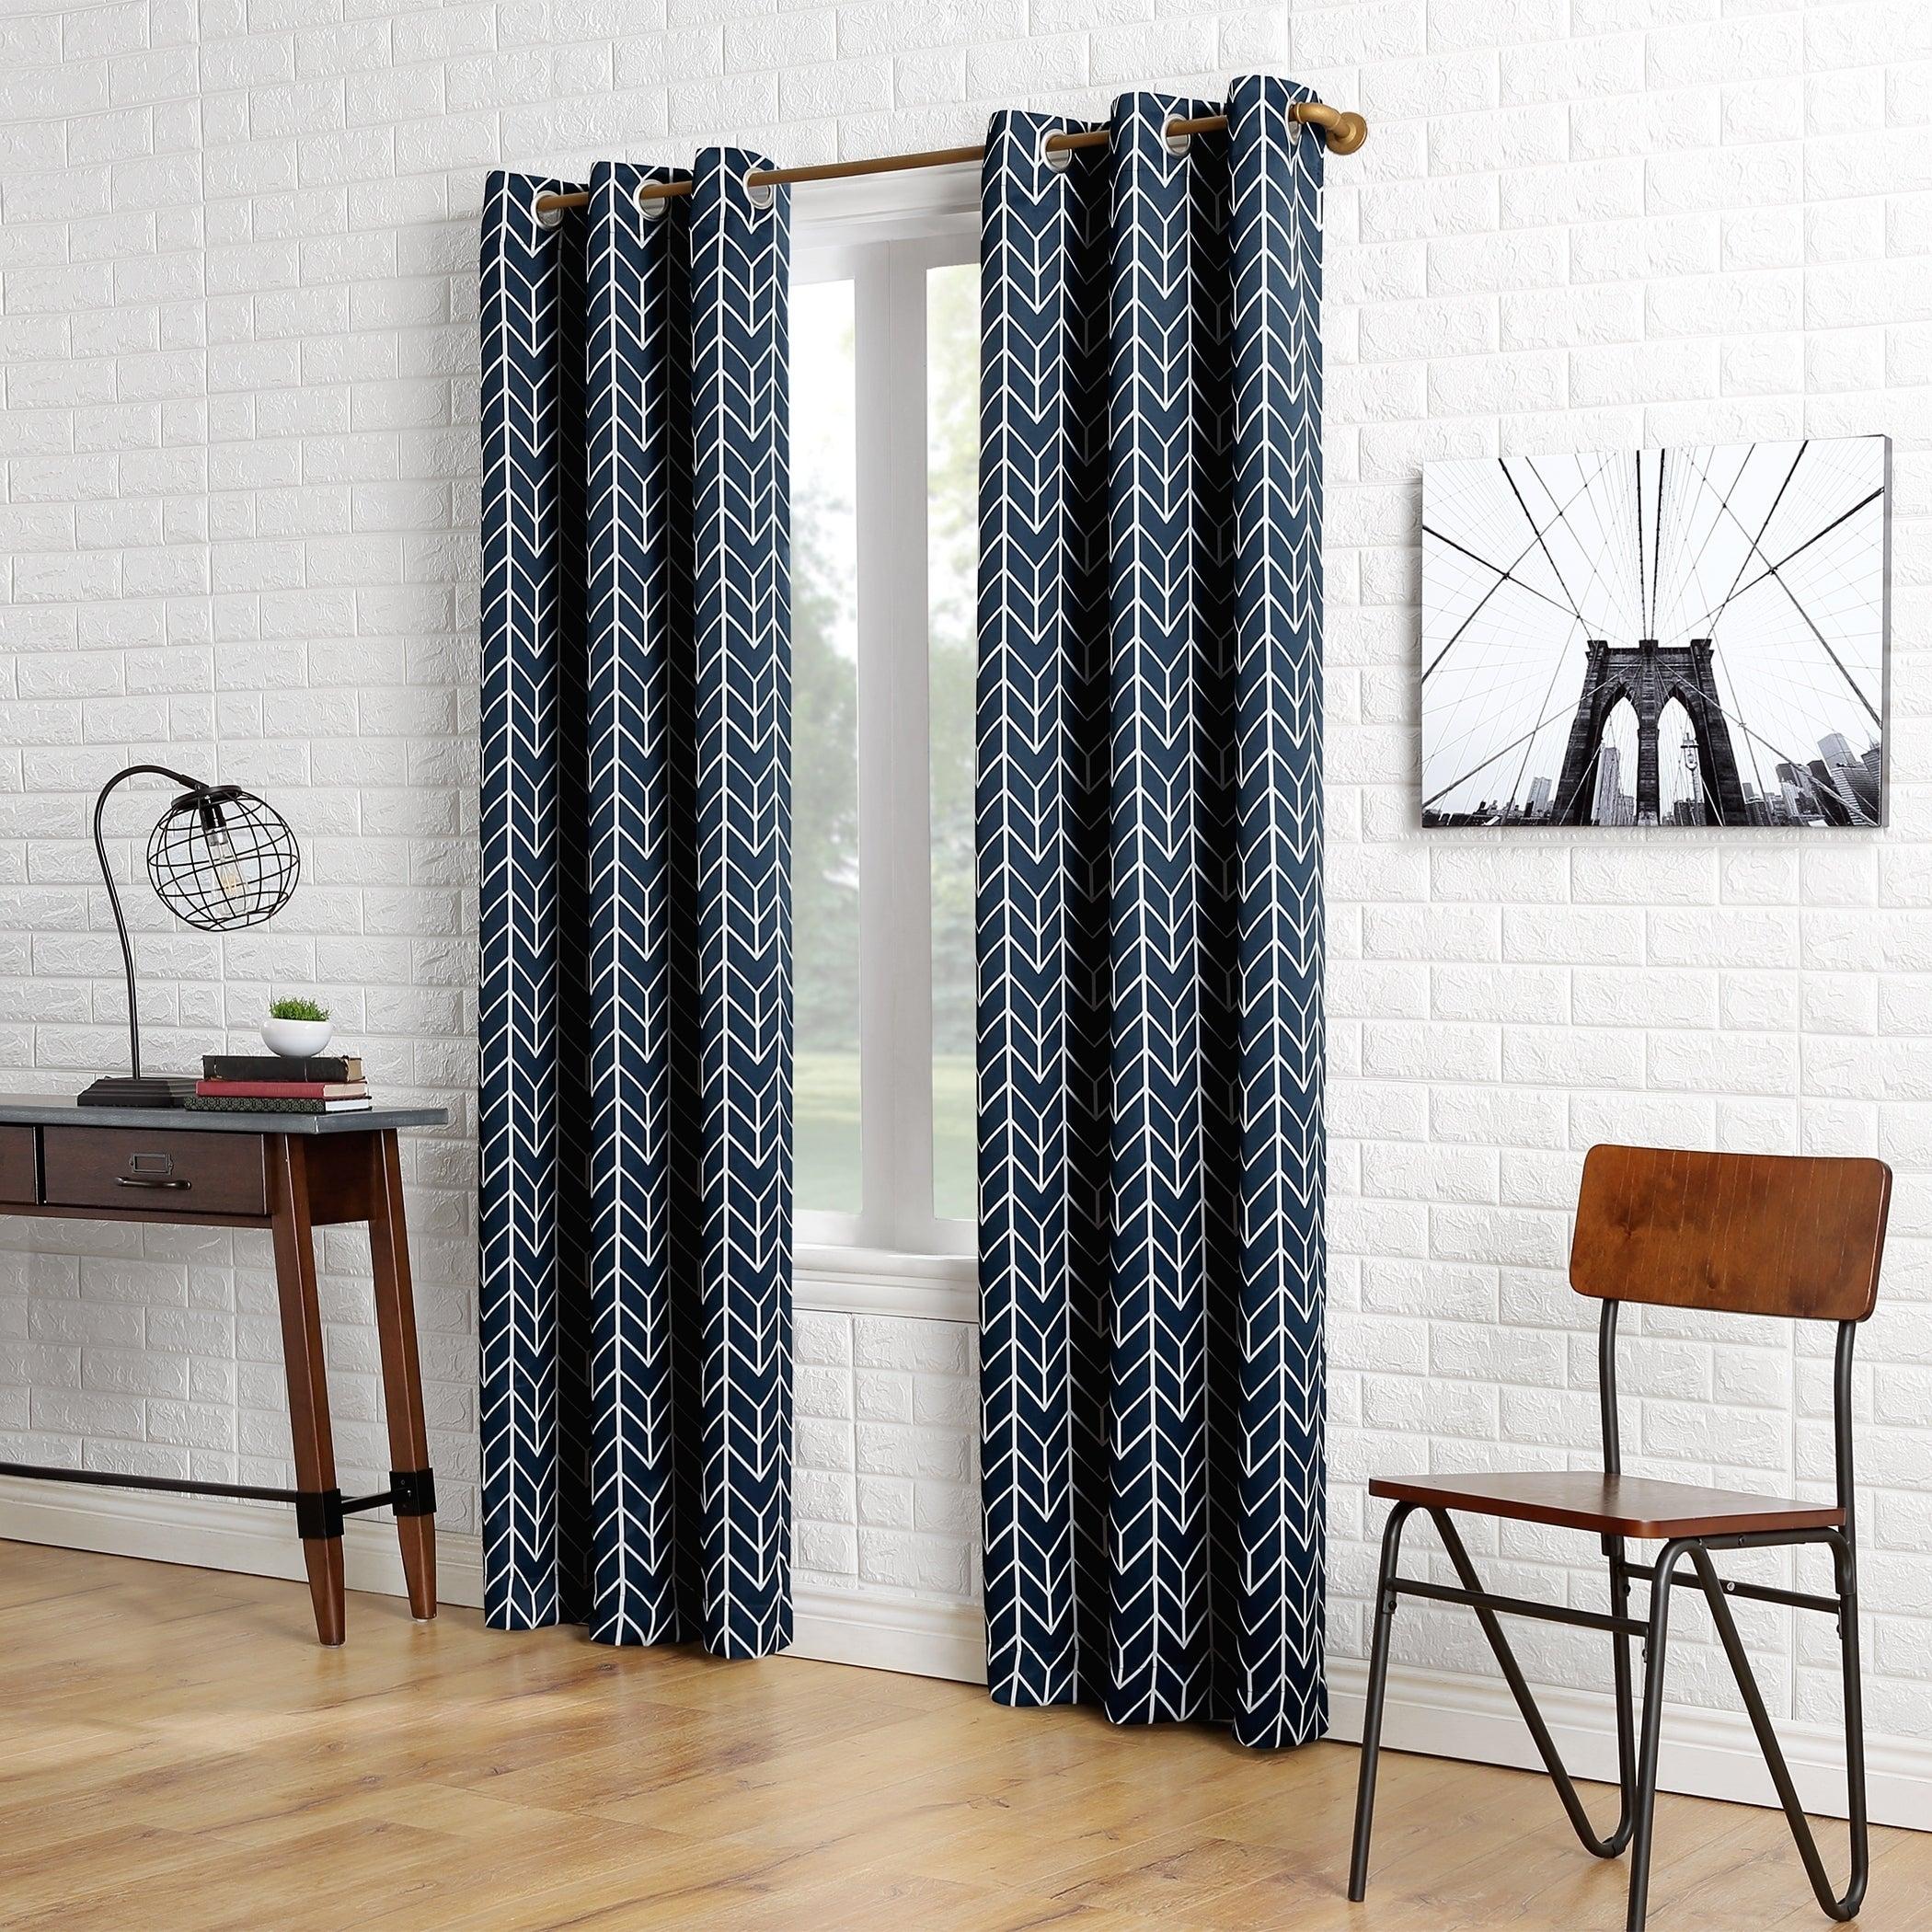 Sun Zero Kenwood Chevron Blackout Grommet Curtain Panel In Chevron Blackout Grommet Curtain Panels (View 16 of 20)